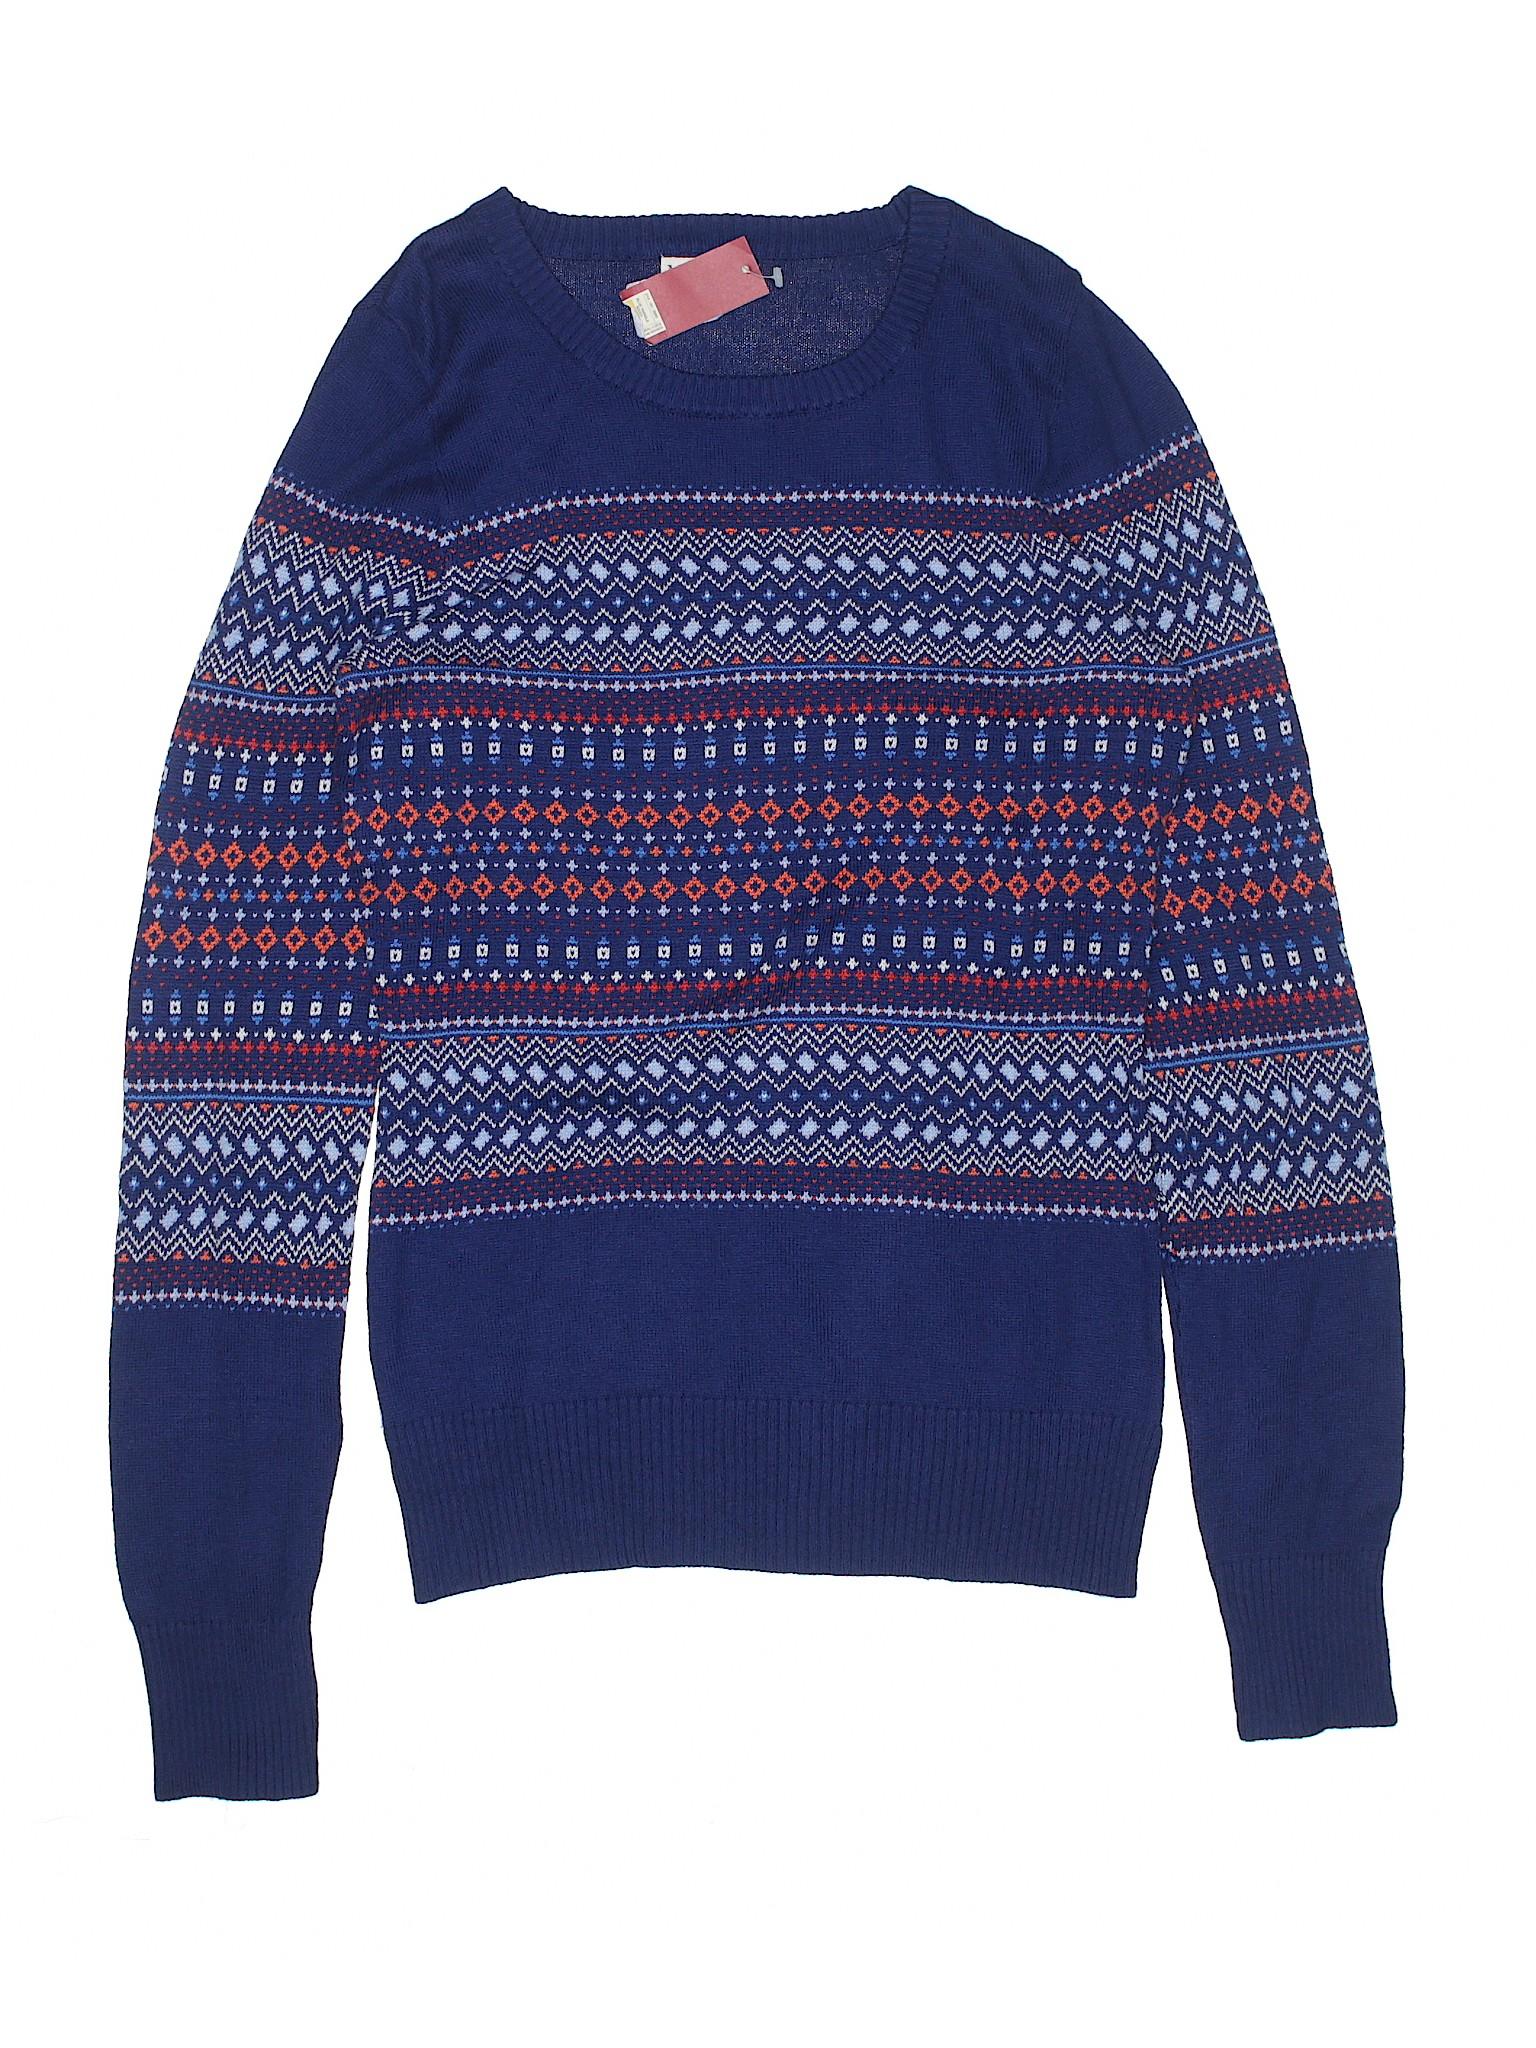 Merona Pullover Boutique Boutique Merona Sweater Sweater Merona Pullover Boutique Sweater Pullover Boutique Pullover Sweater Merona Merona Boutique PqxAv0Hx